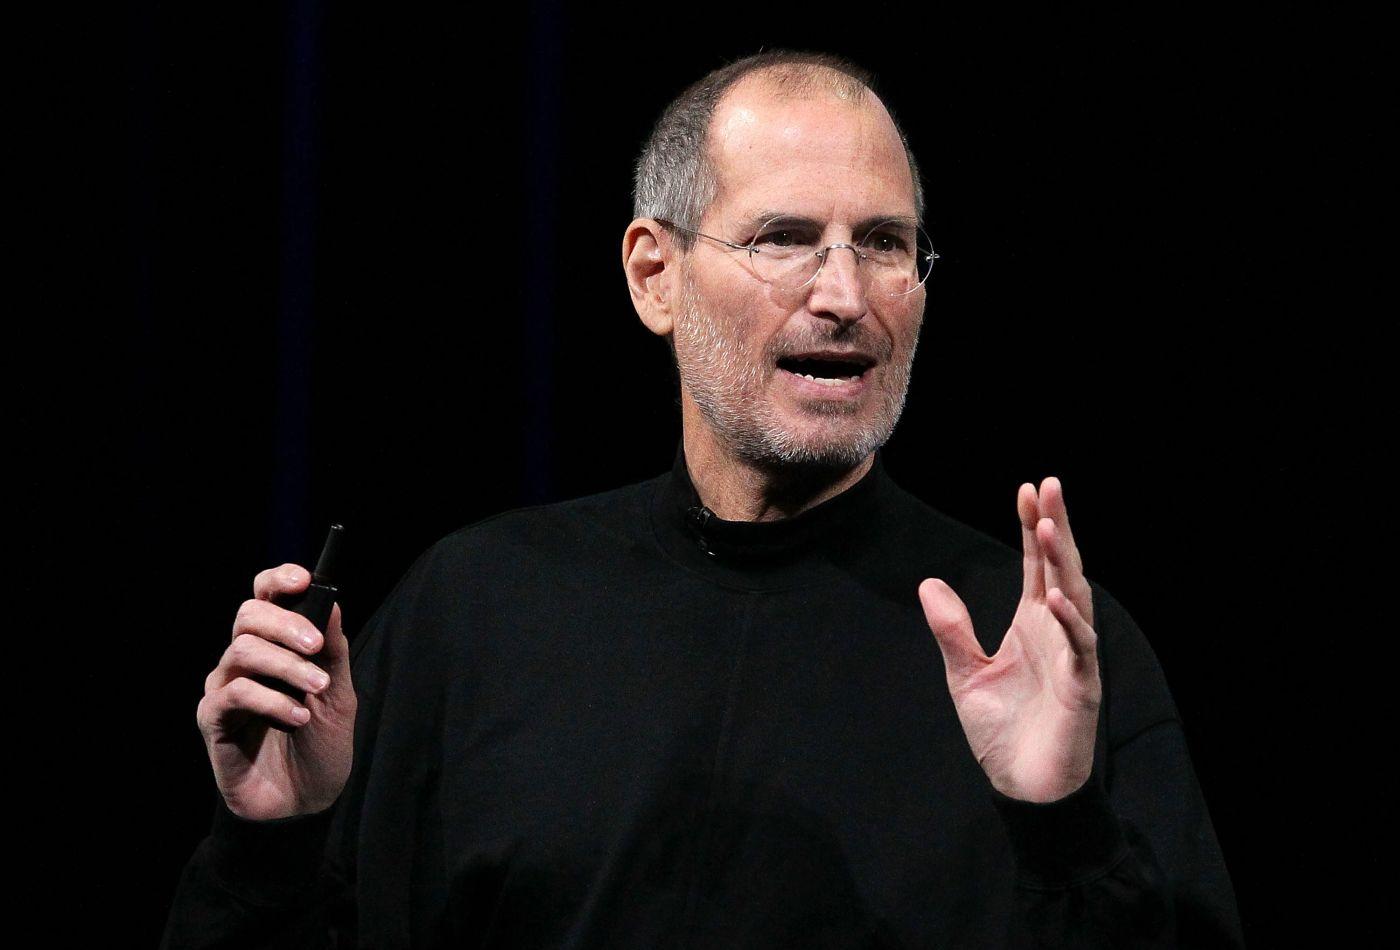 Giám đốc Apple chia sẻ về kỹ năng làm nên tượng đài Steve Jobs - 1